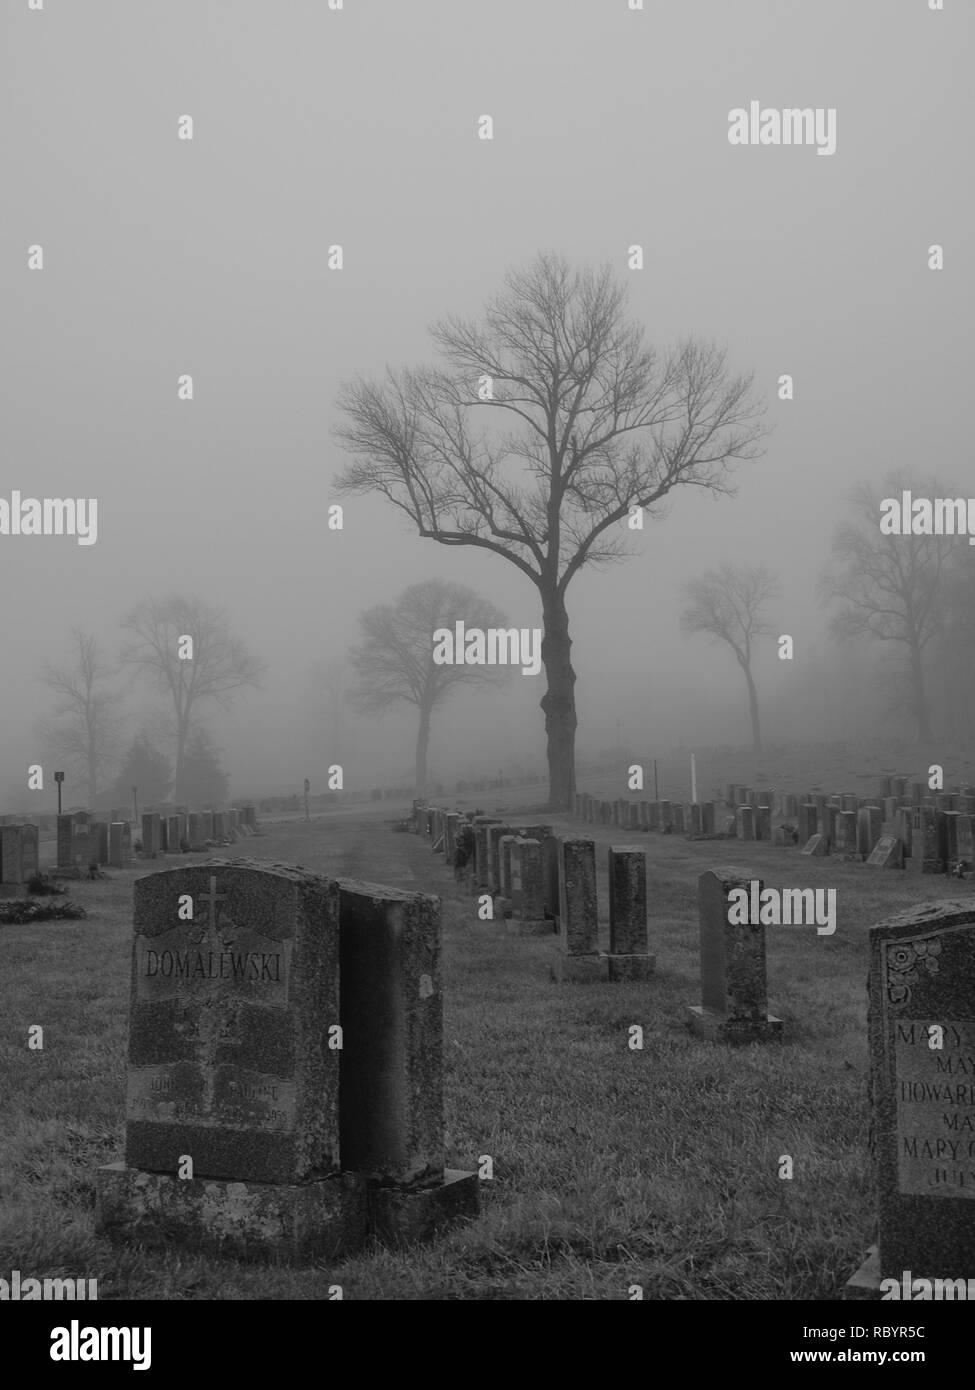 María resto Cementerio de Mahwah, New Jersey en una sombría escena con niebla. Foto de stock